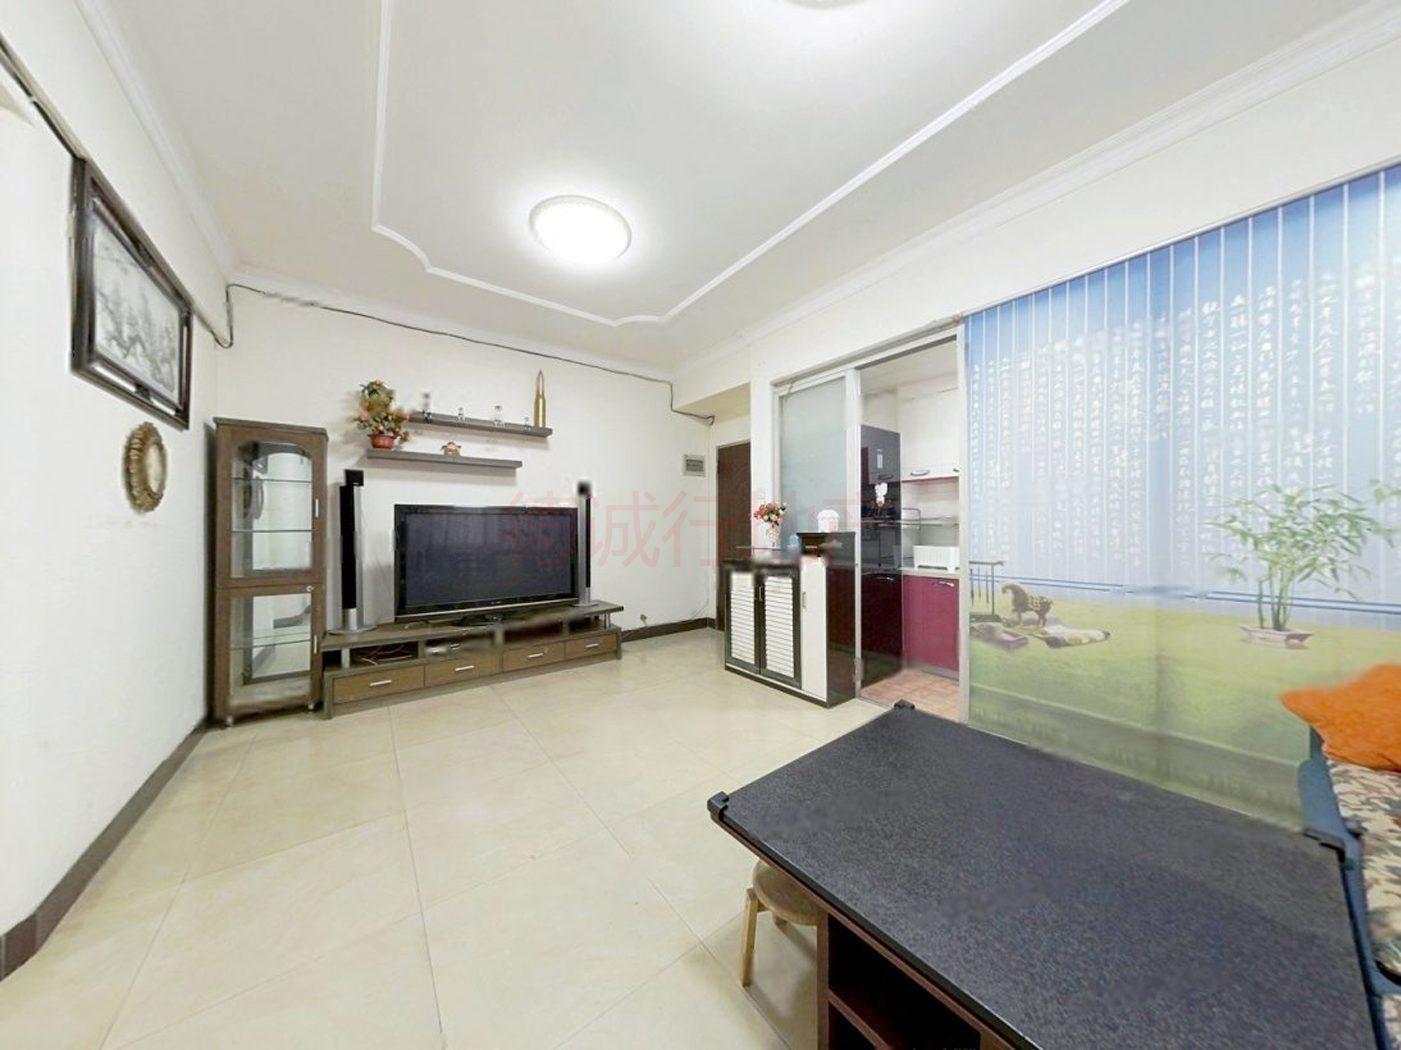 三荣大厦 电梯超实用户型 2室1厅1卫仅370万元